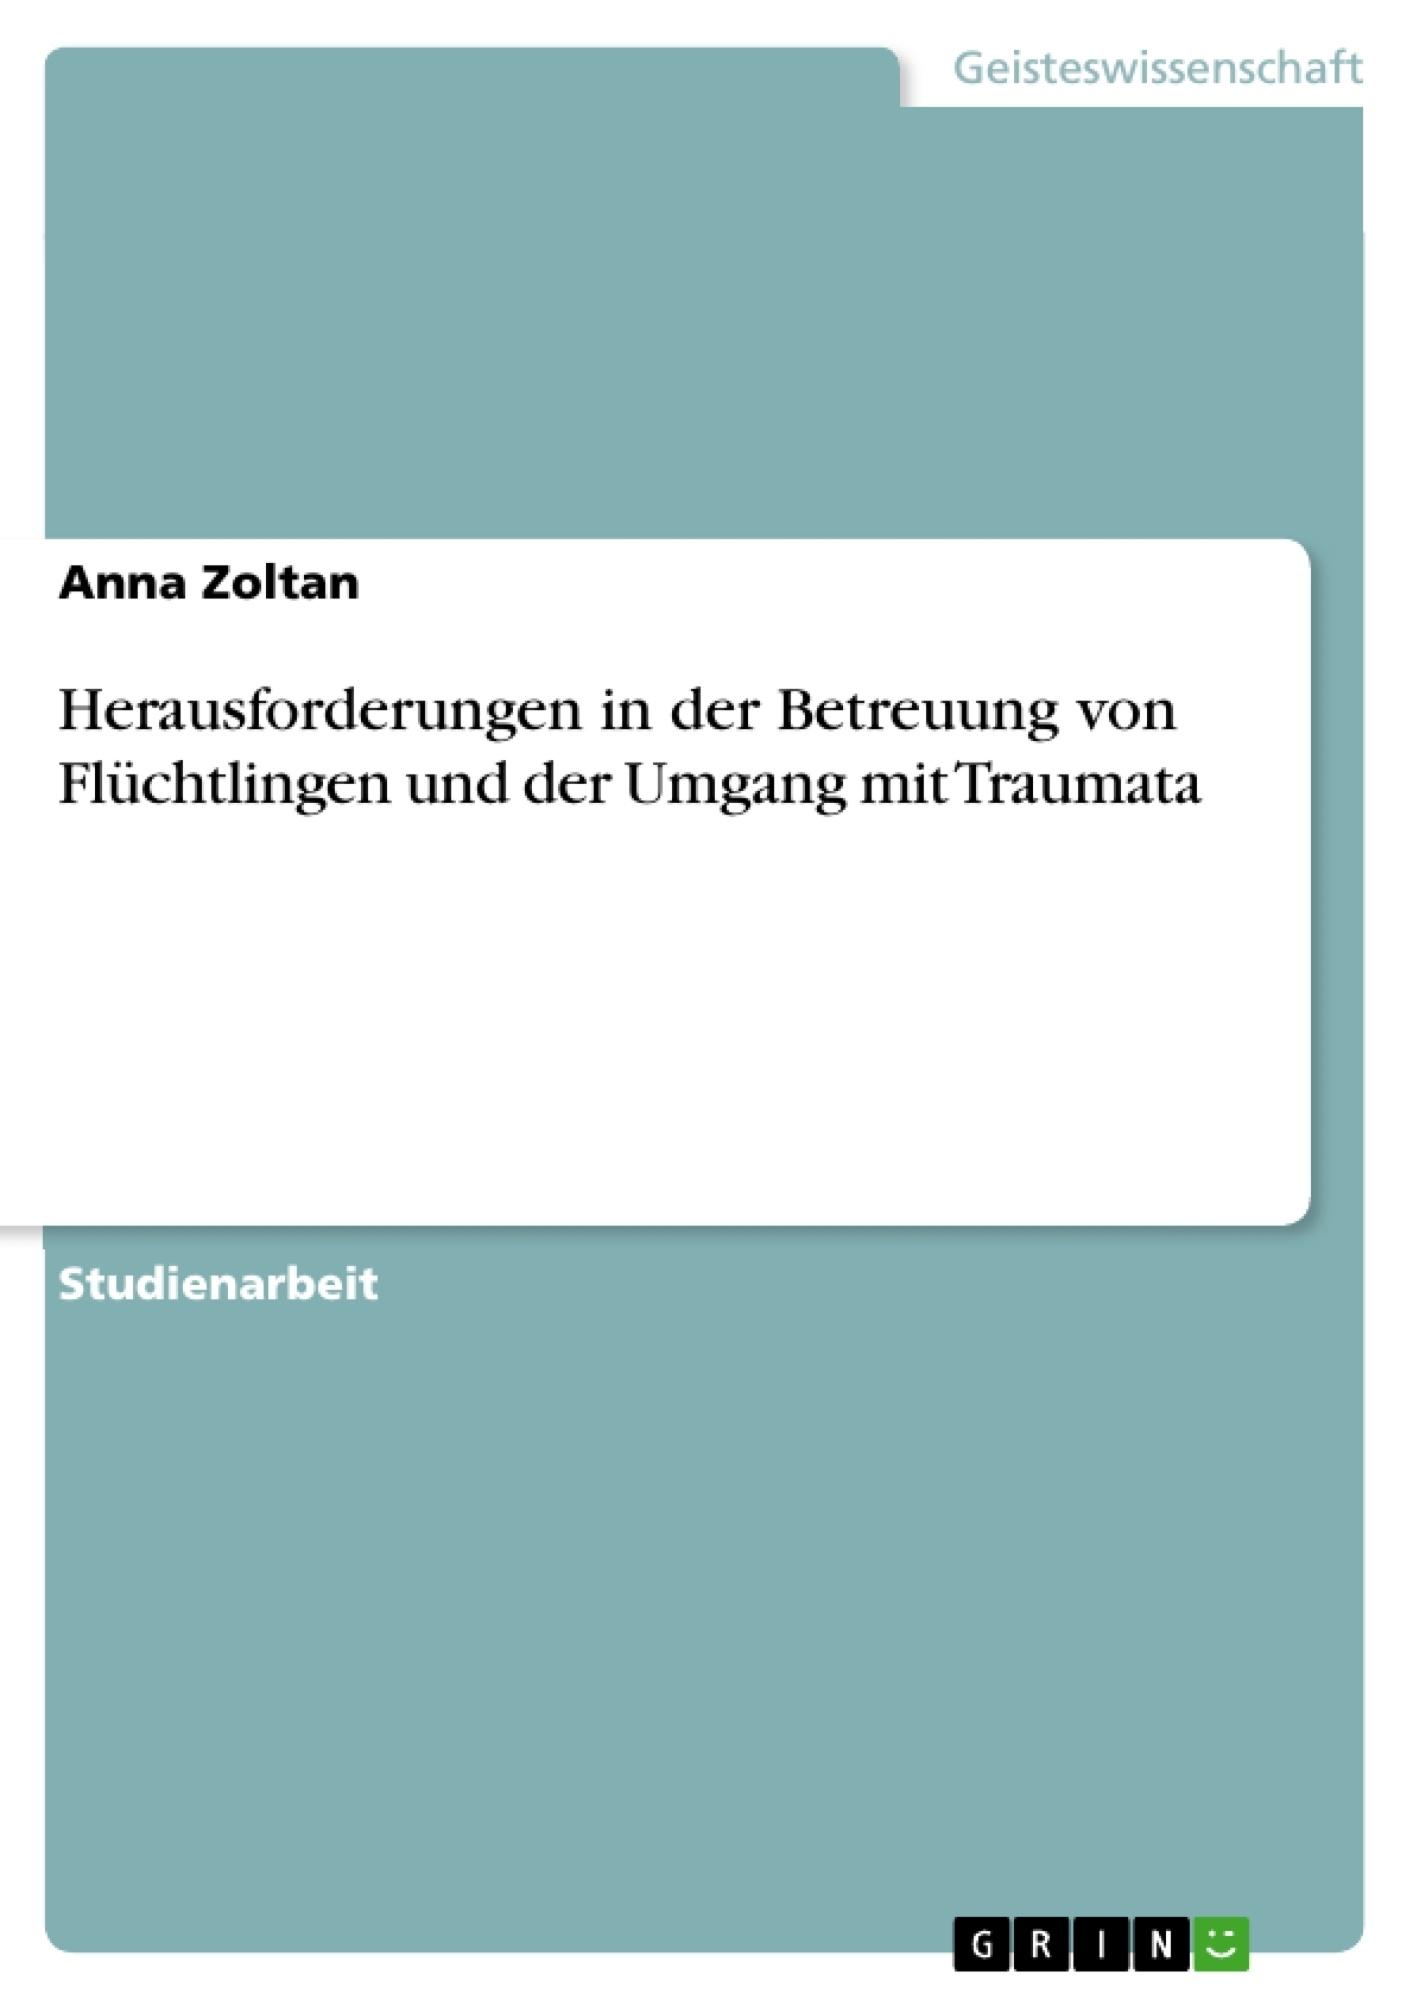 Titel: Herausforderungen in der Betreuung von Flüchtlingen und der Umgang mit Traumata